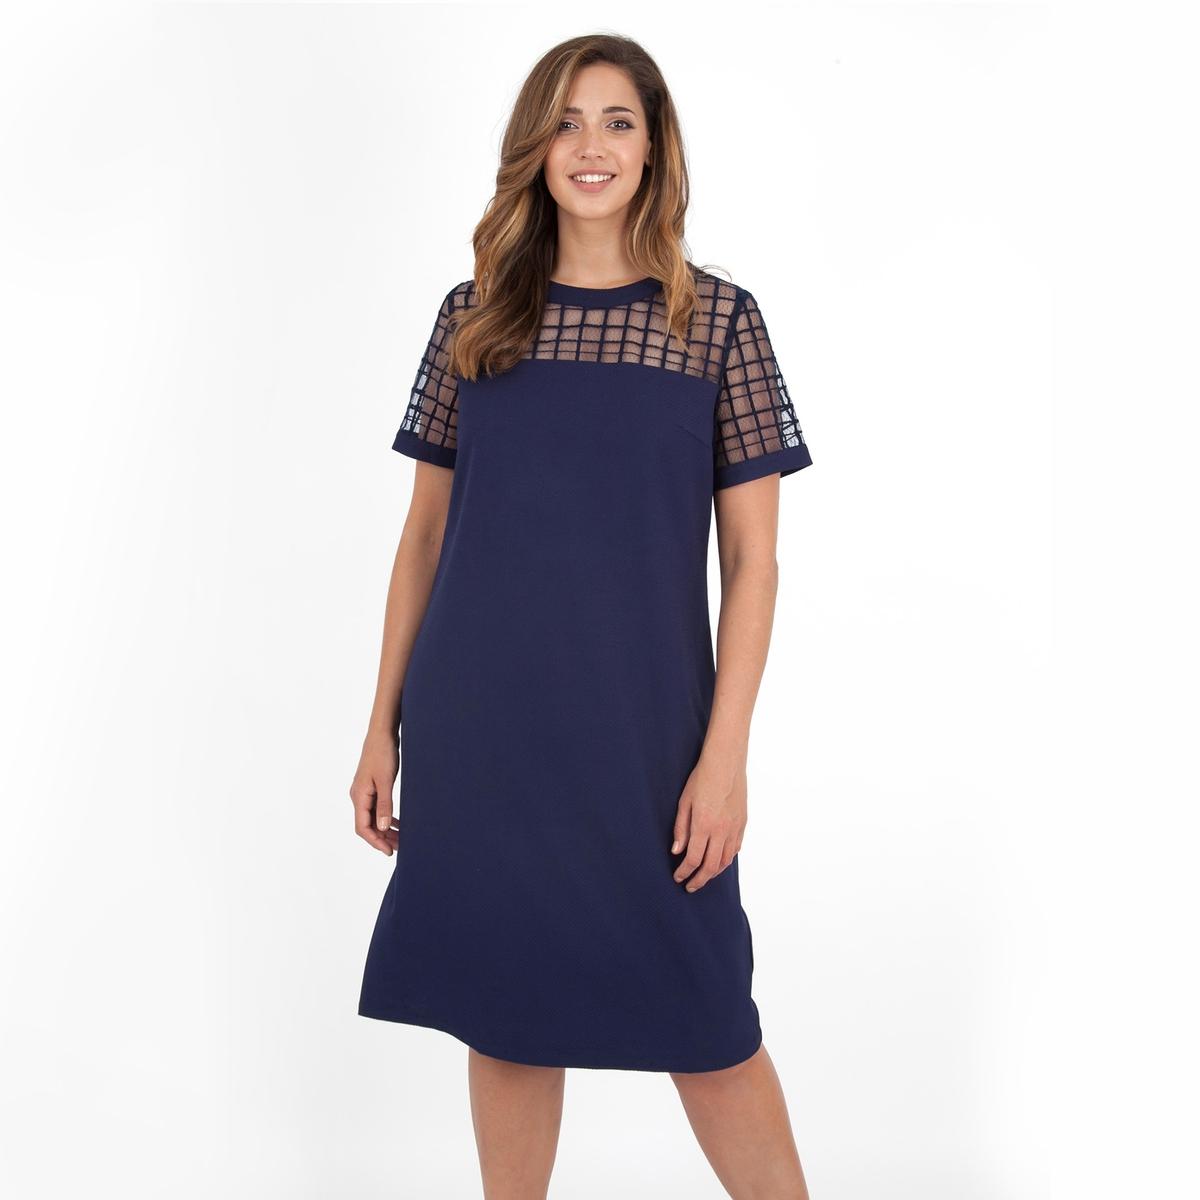 ПлатьеПлатье с короткими рукавами - LOVEDROBE.  Застежка на молнию сзади. Длина ок.104 см. 100% полиэстера.<br><br>Цвет: синий морской<br>Размер: 58/60 (FR) - 64/66 (RUS)